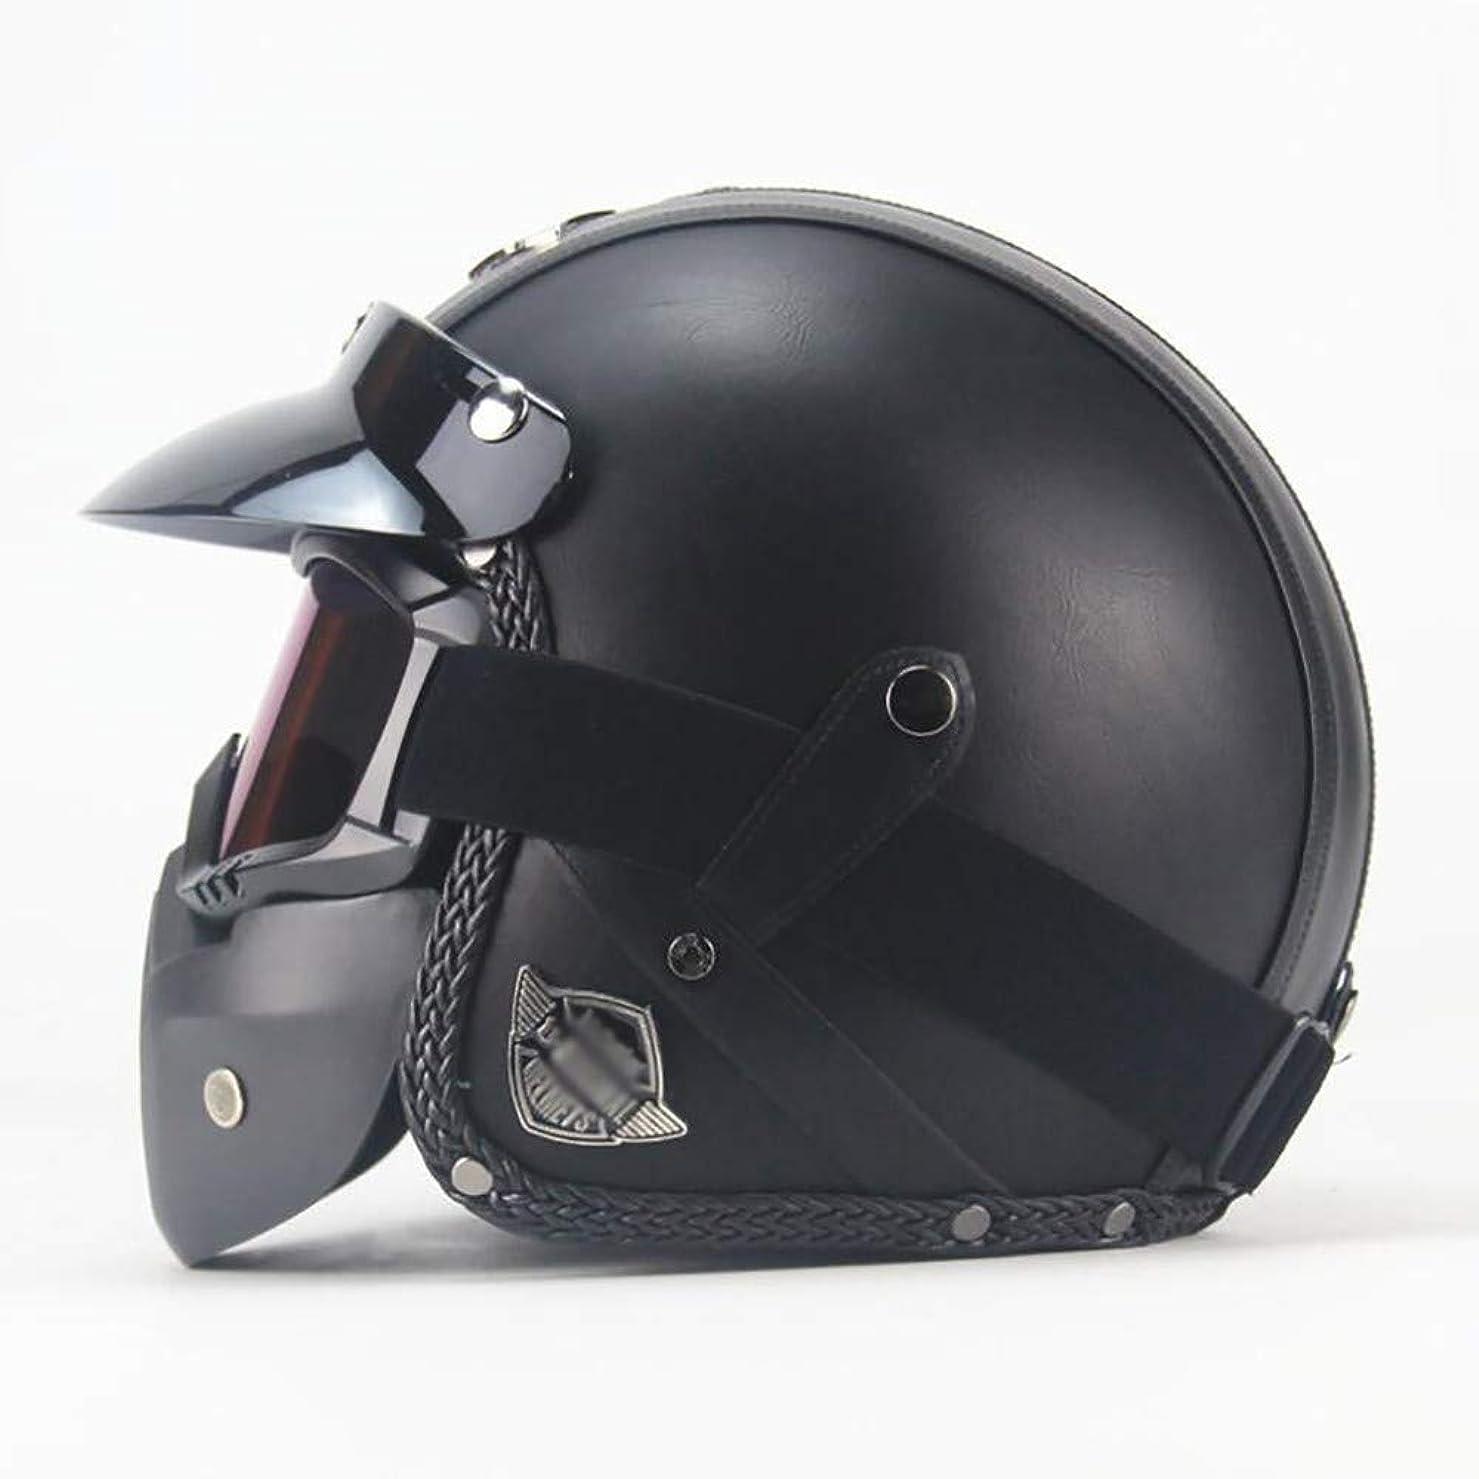 マチュピチュ拡大する矛盾オートバイジェットヘルメット、ビンテージハーレークラシックレザーオープンフェイスヘルメットモペットクラッシュ3/4大人のバイクヘルメット、レトロスクータークルーザーパイロットバイカーユニセックスヘルメットバイザー、DOT認定